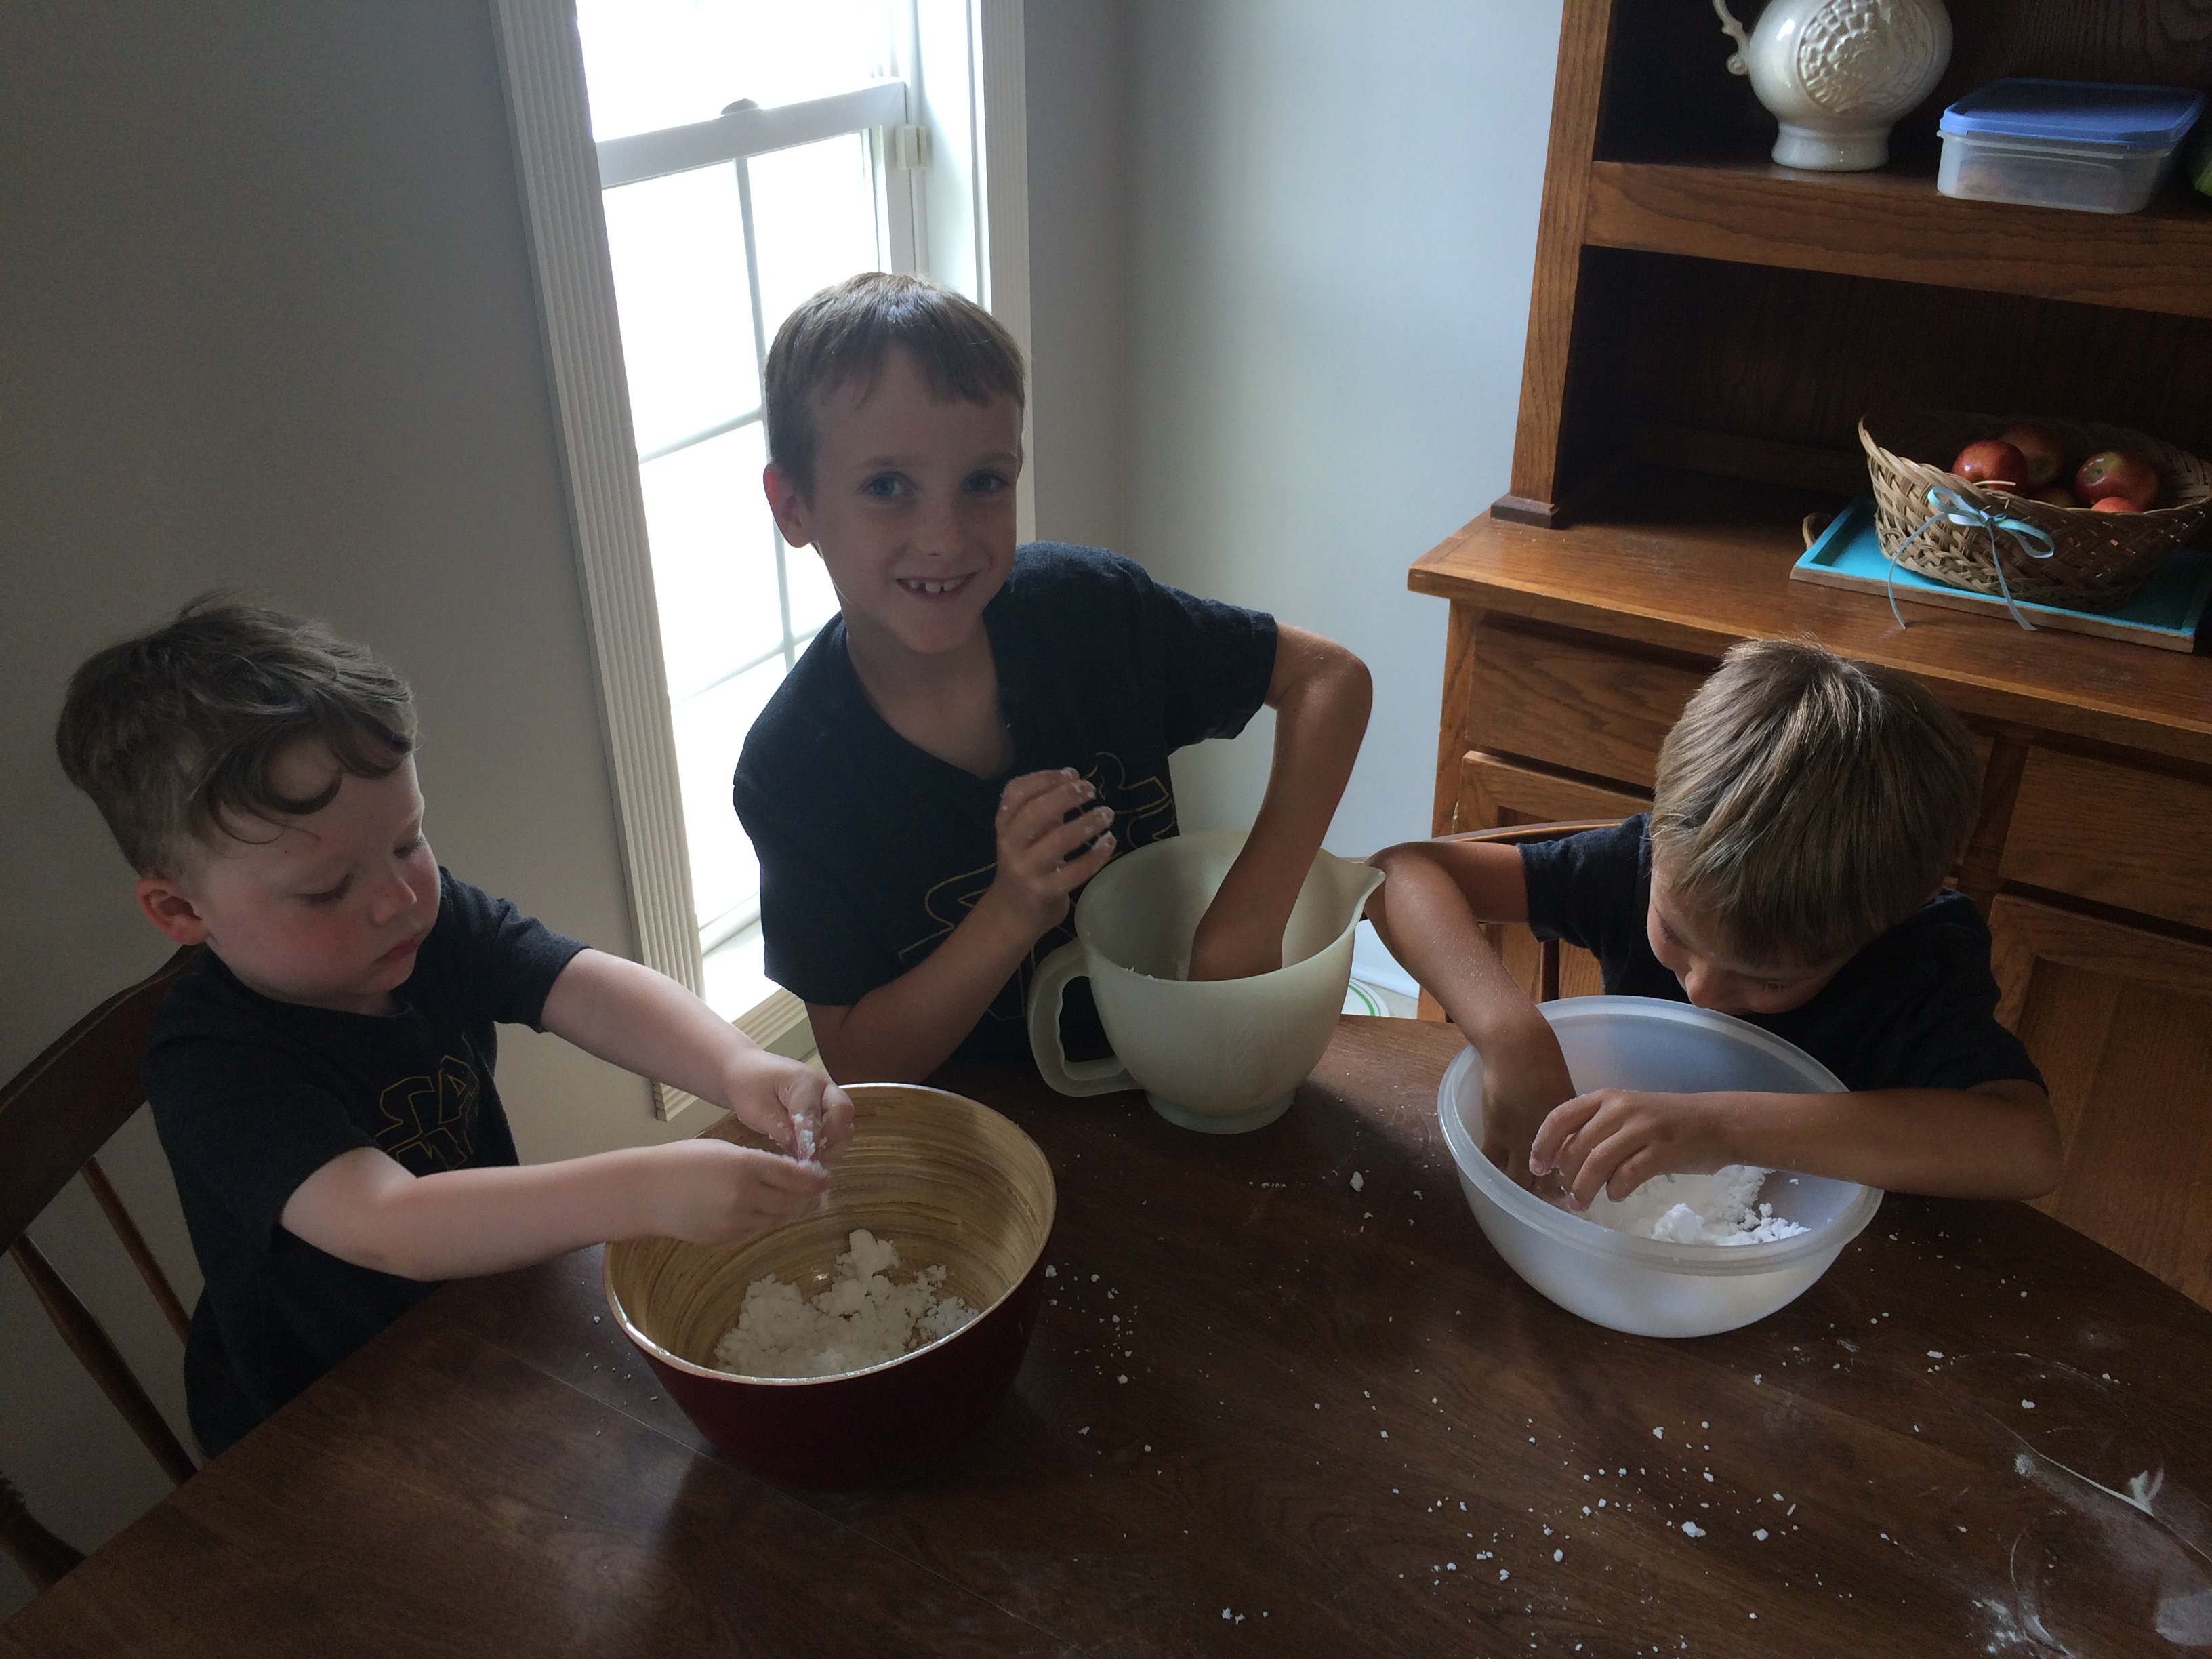 making goop